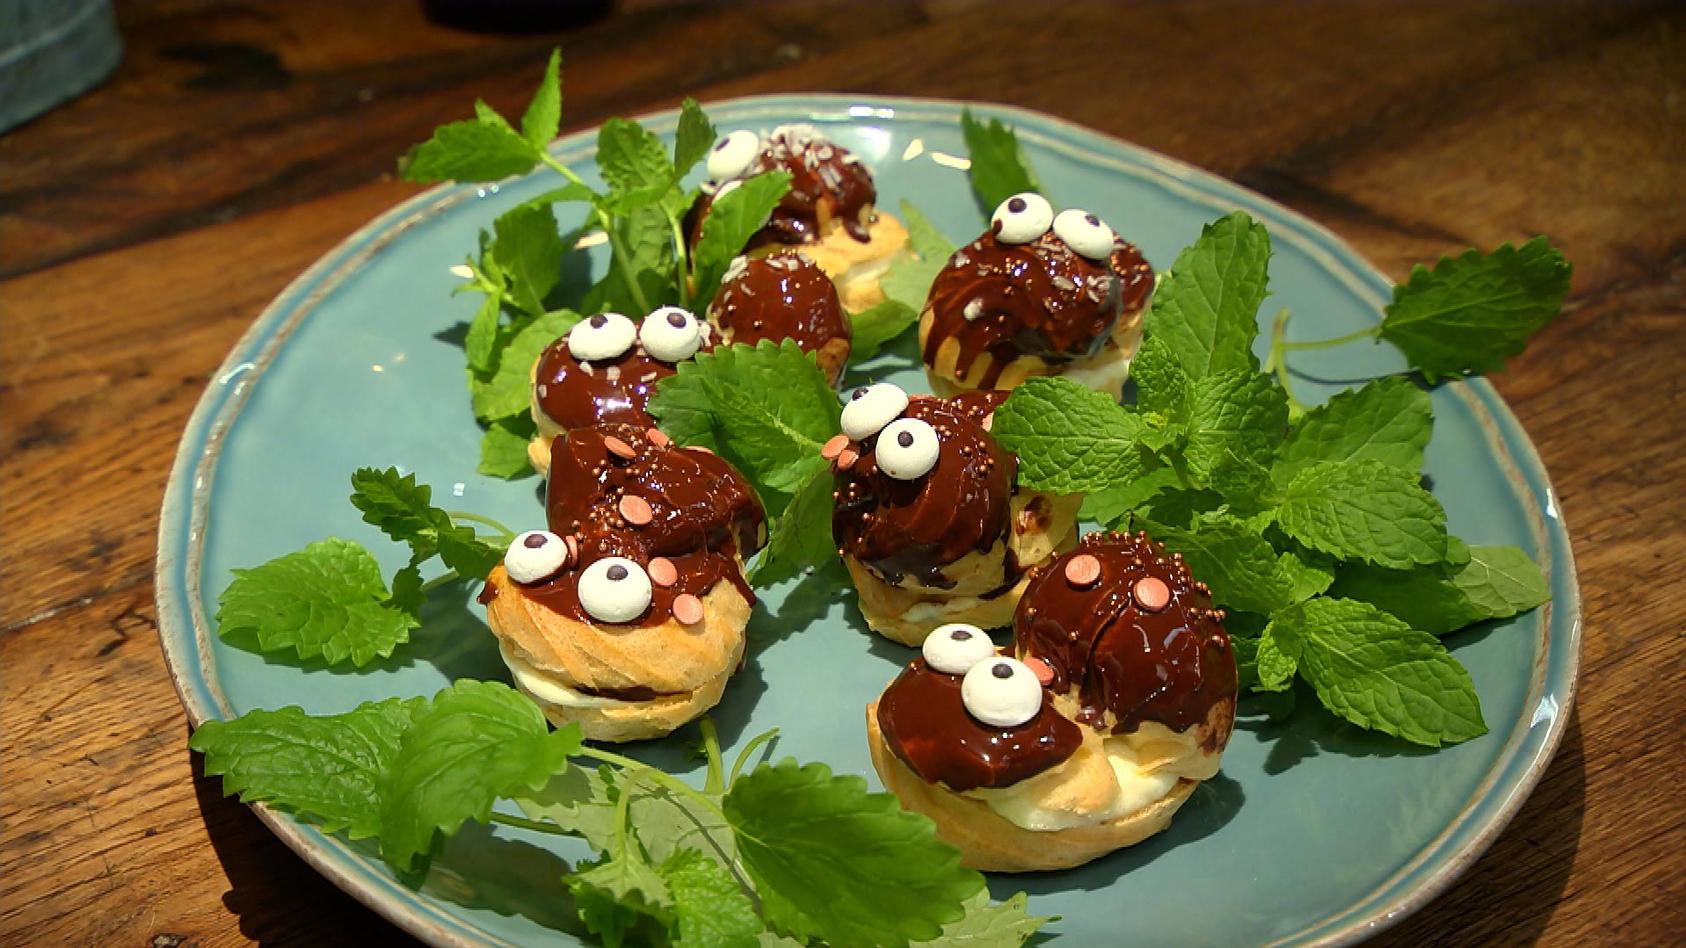 Das schmeckt allen – Kochen für die Familie: Schokokuss-Windbeutel